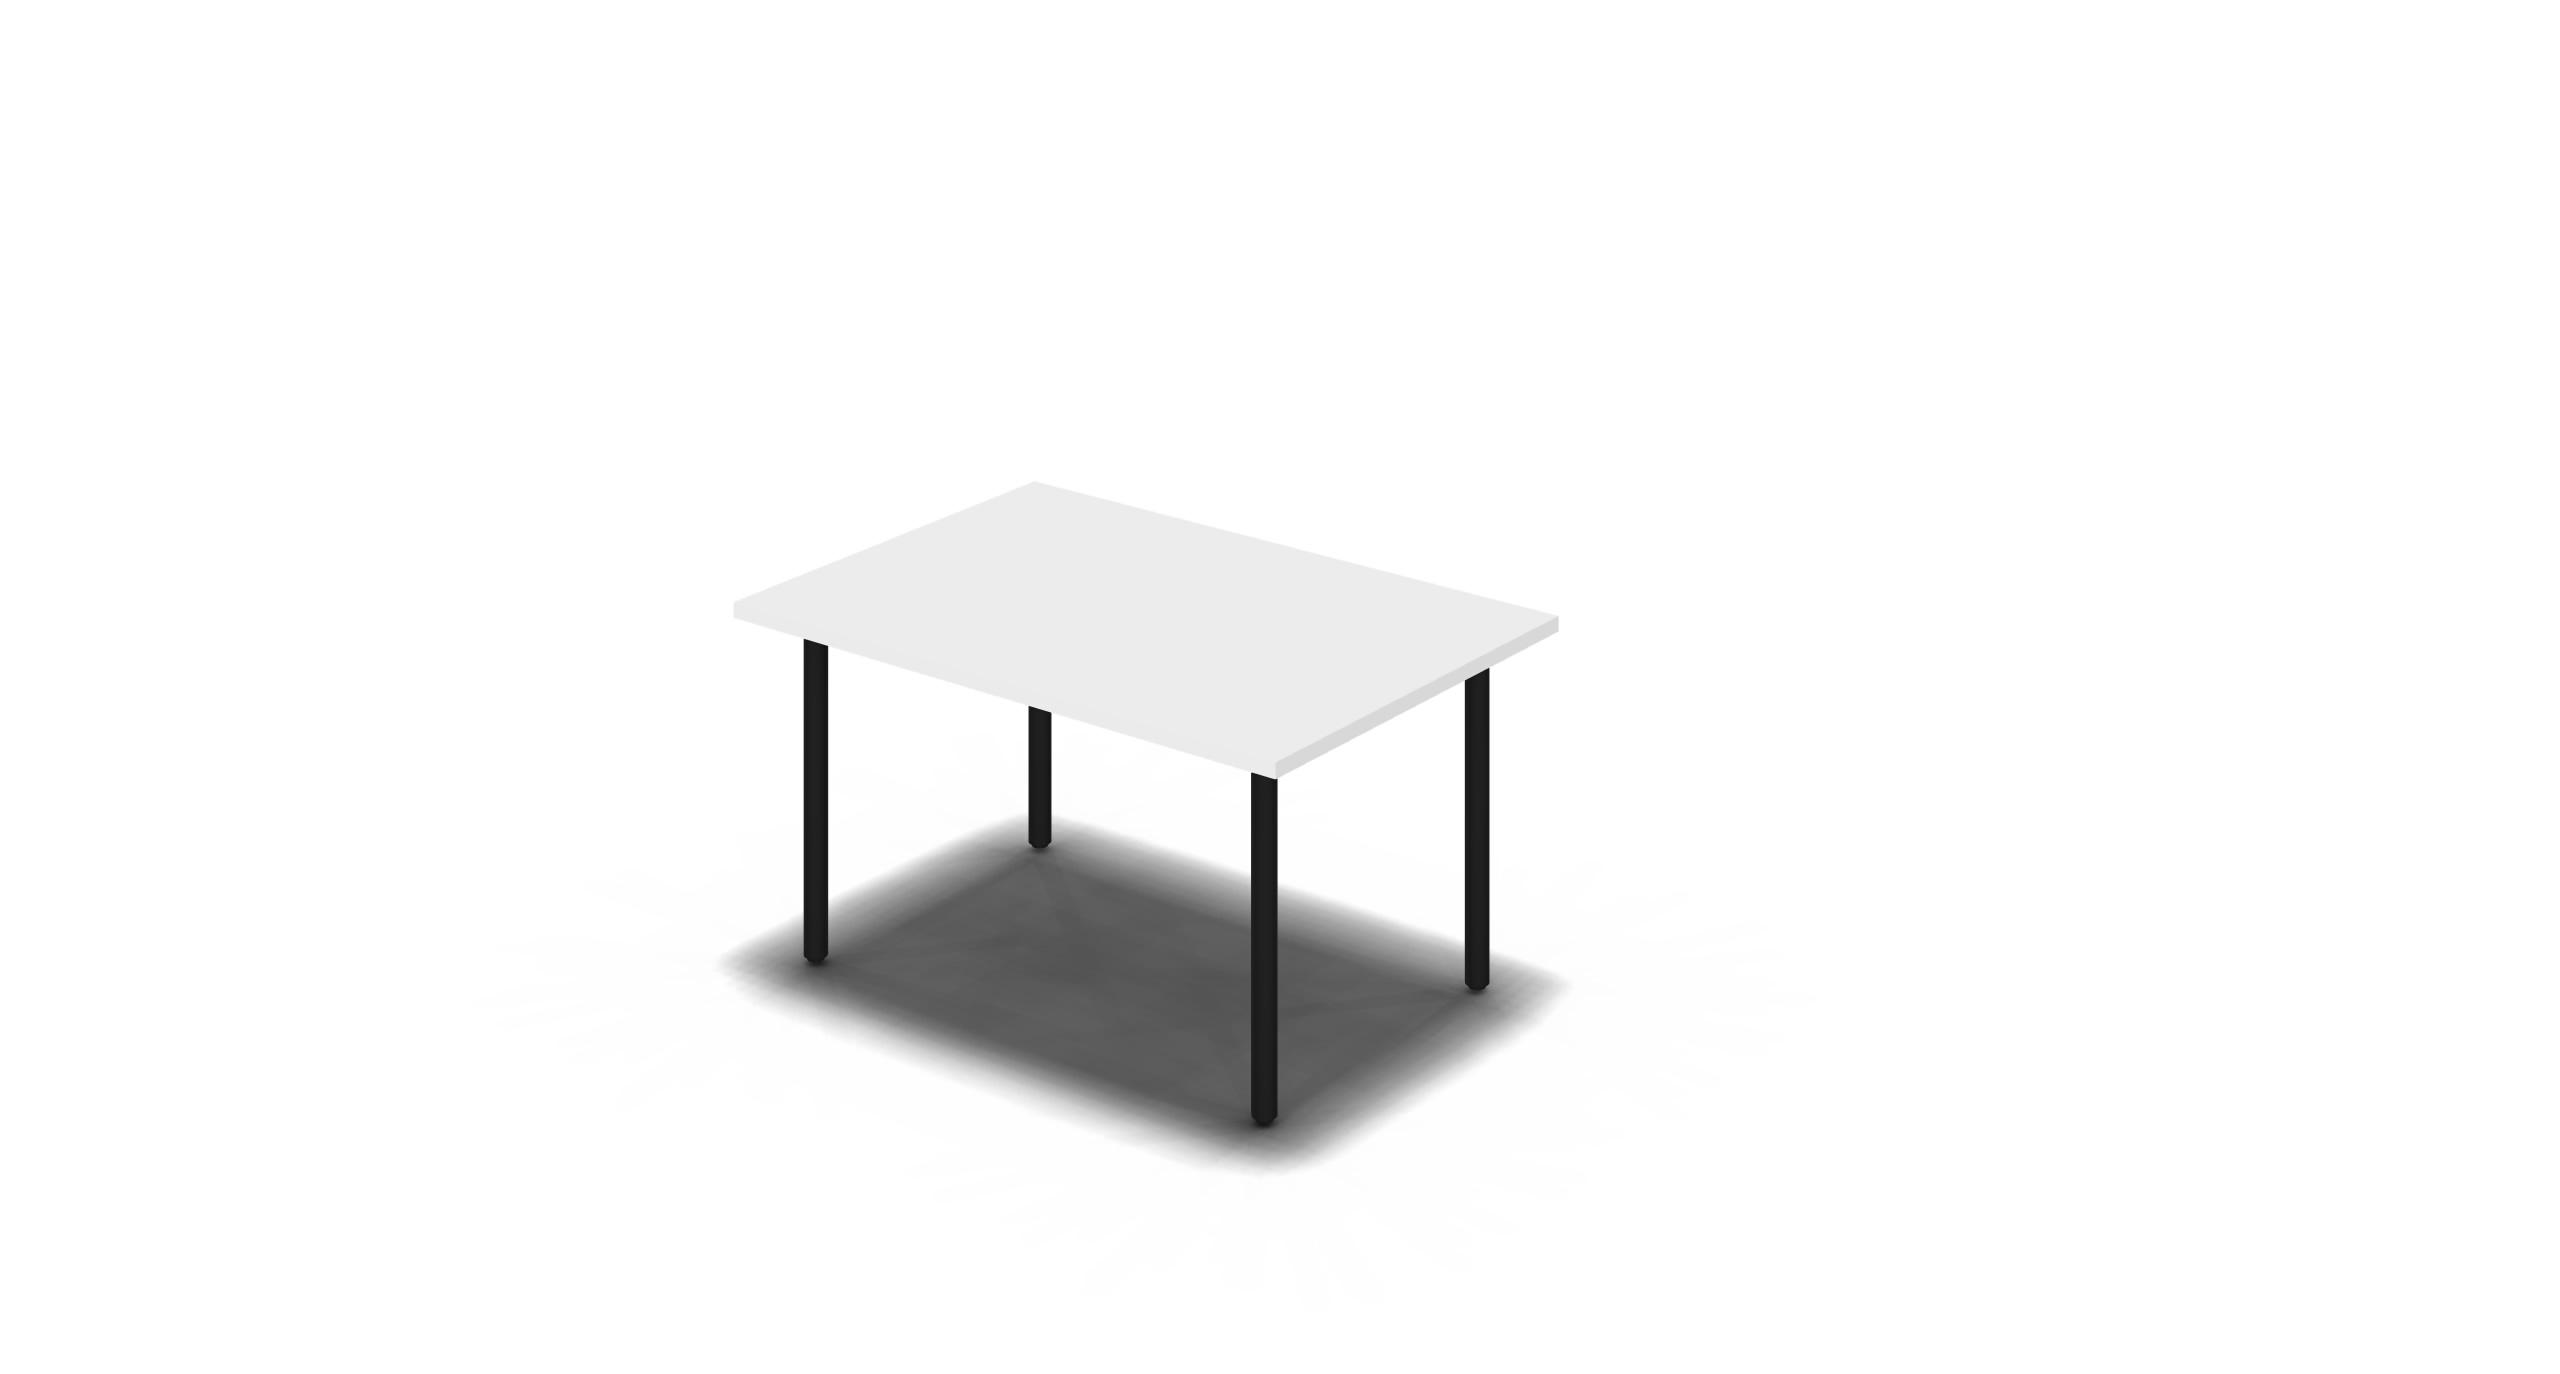 Table_Round_1200x800_Black_White_noOption